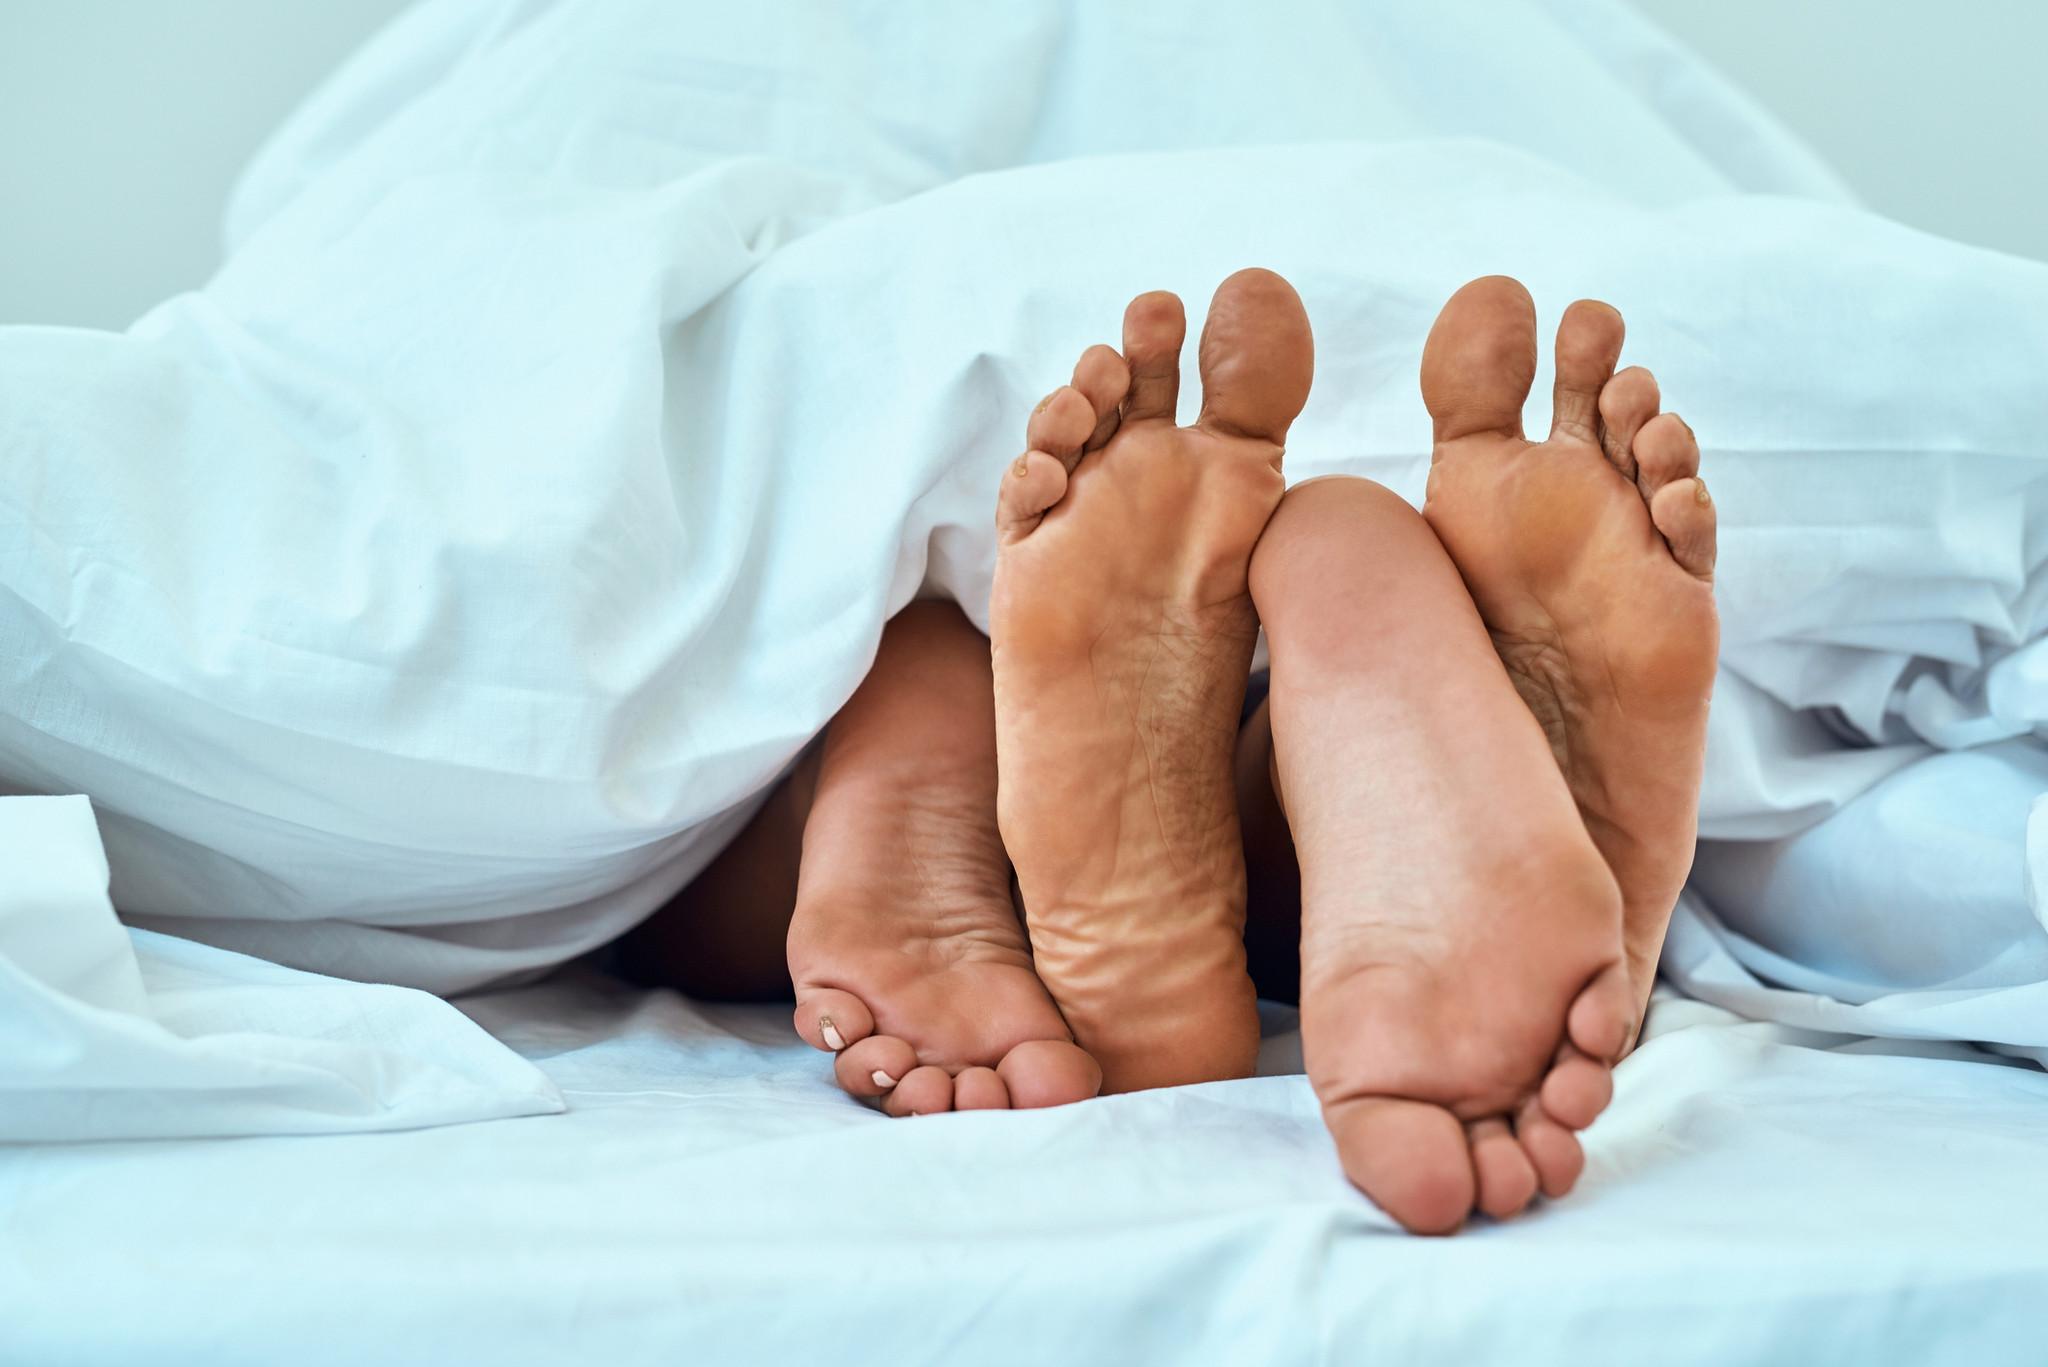 sex feet bed foot pes camav casal.jpg